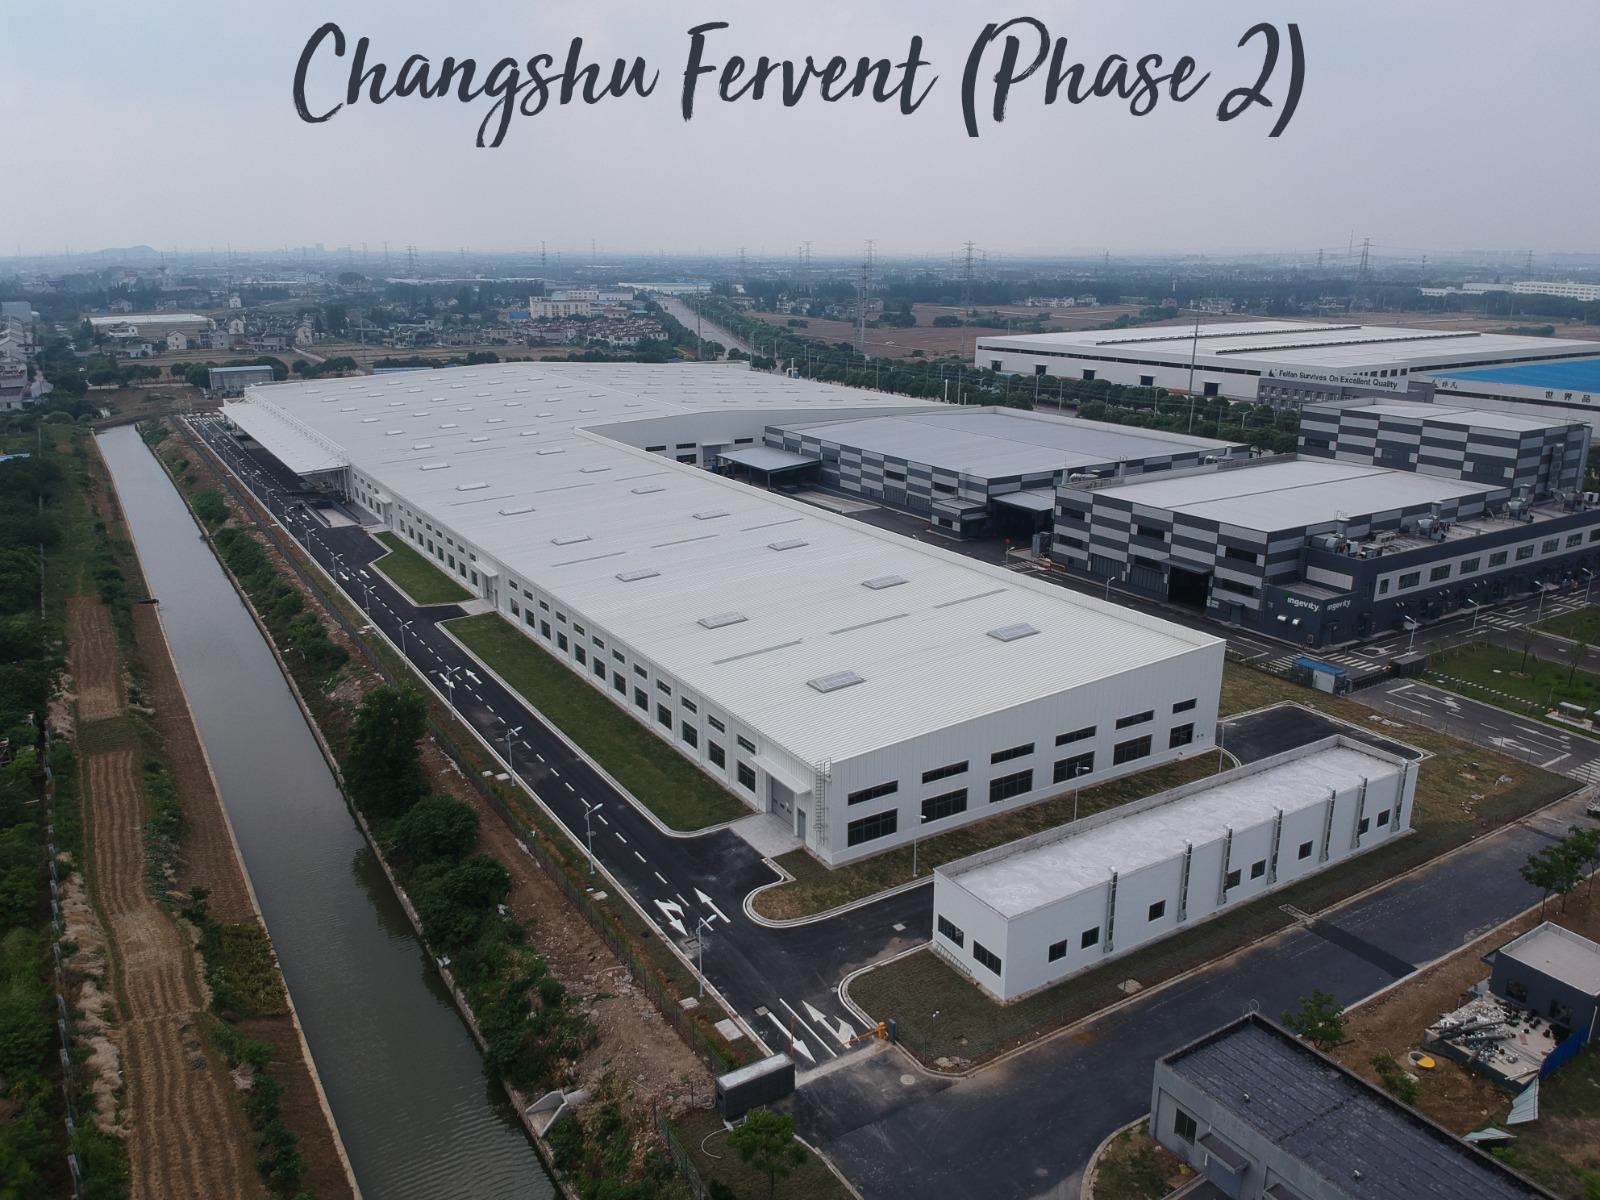 飞煌工业设施发展(苏州)有限公司 –  第二阶段